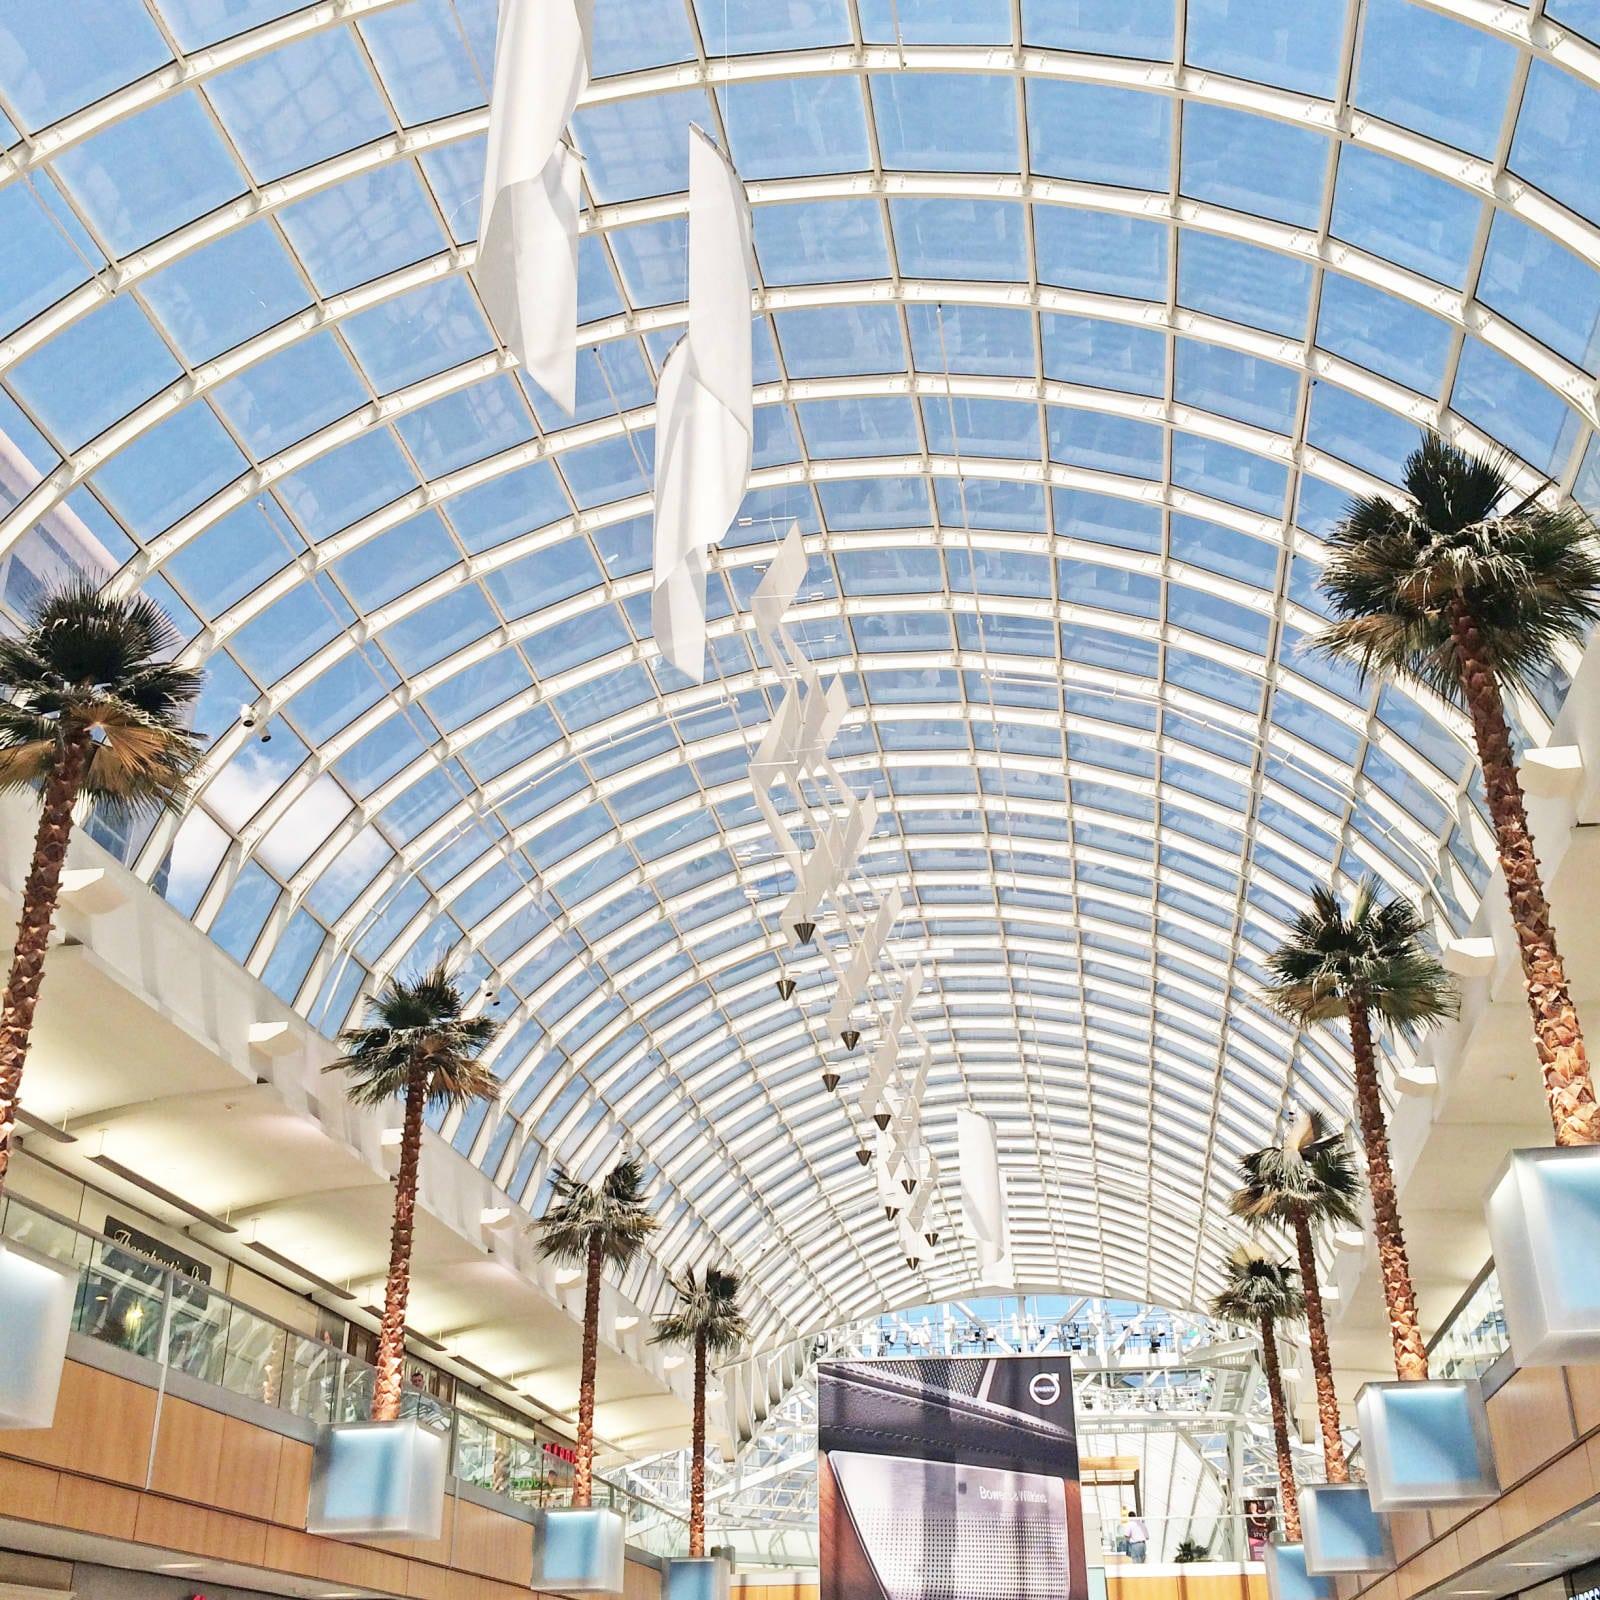 galleria-mall-in-dallas-review